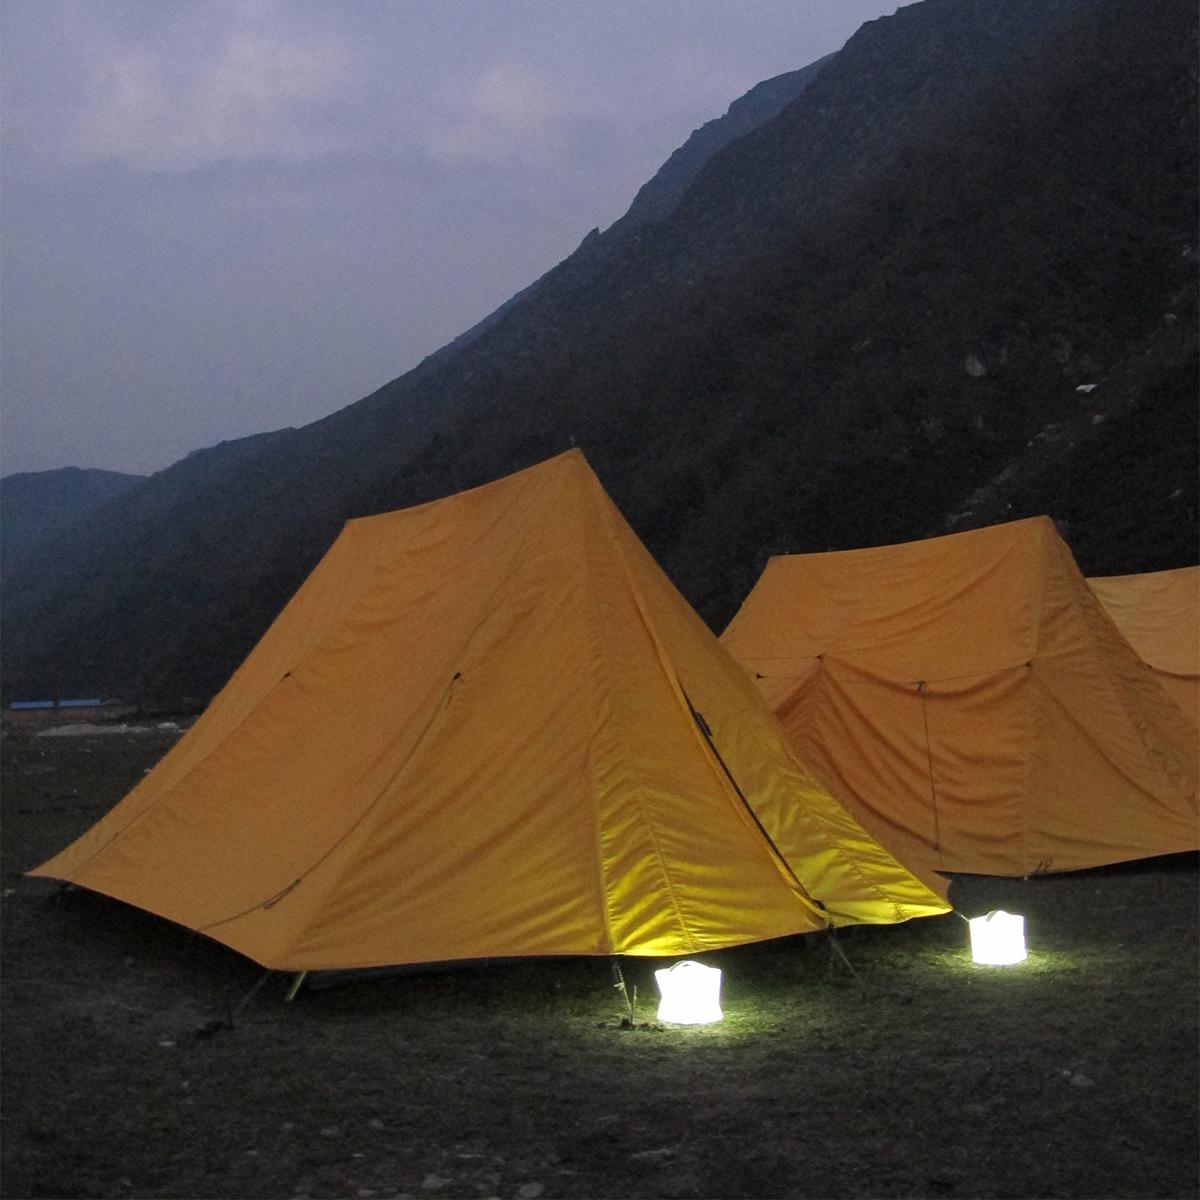 山で、ビーチで、自宅の庭で便利なソーラー充電式の畳めるランタン型のライト|carry the sun(キャリー・ザ・サン)